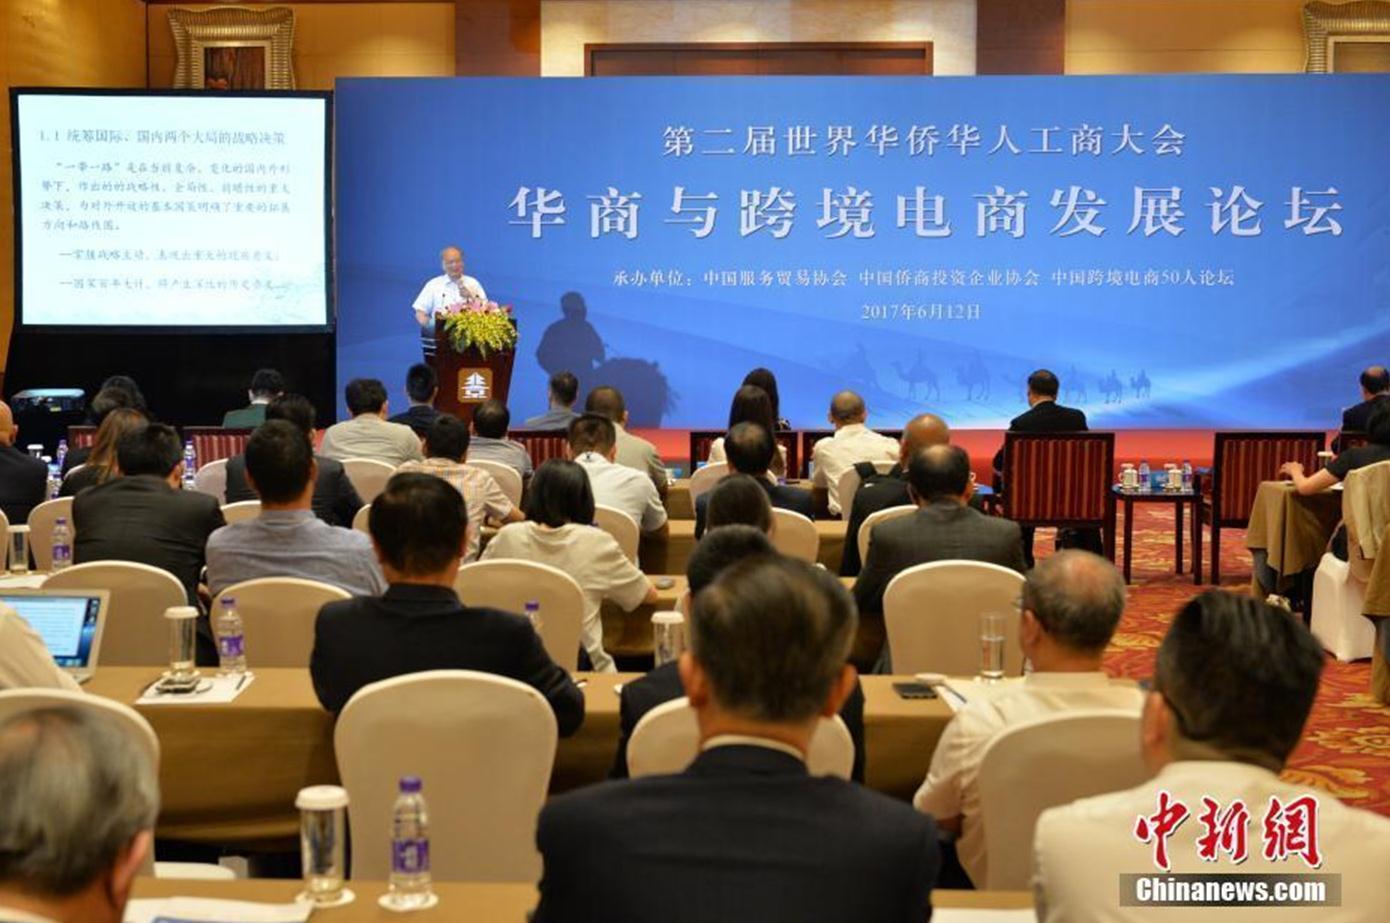 华商与跨境电商发展论坛举行